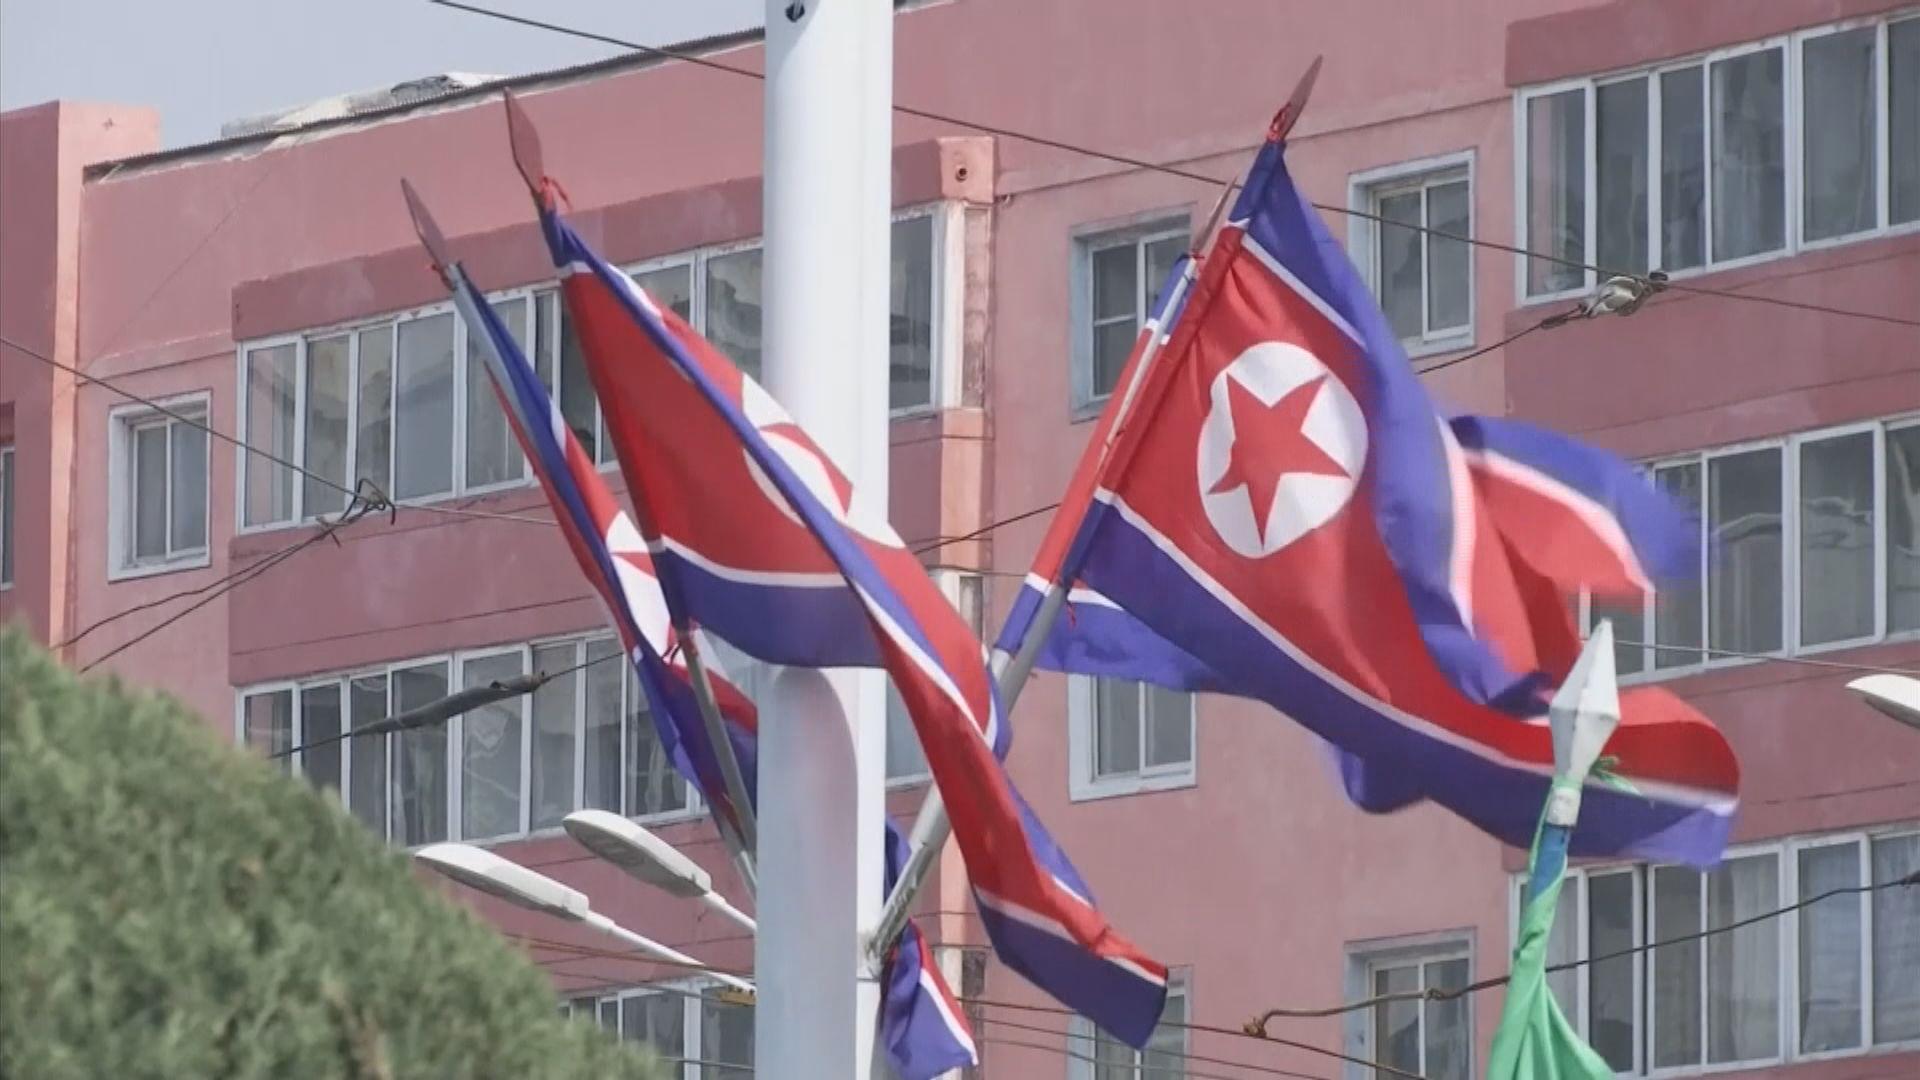 北韓稱美方若想對話須先取消敵視政策